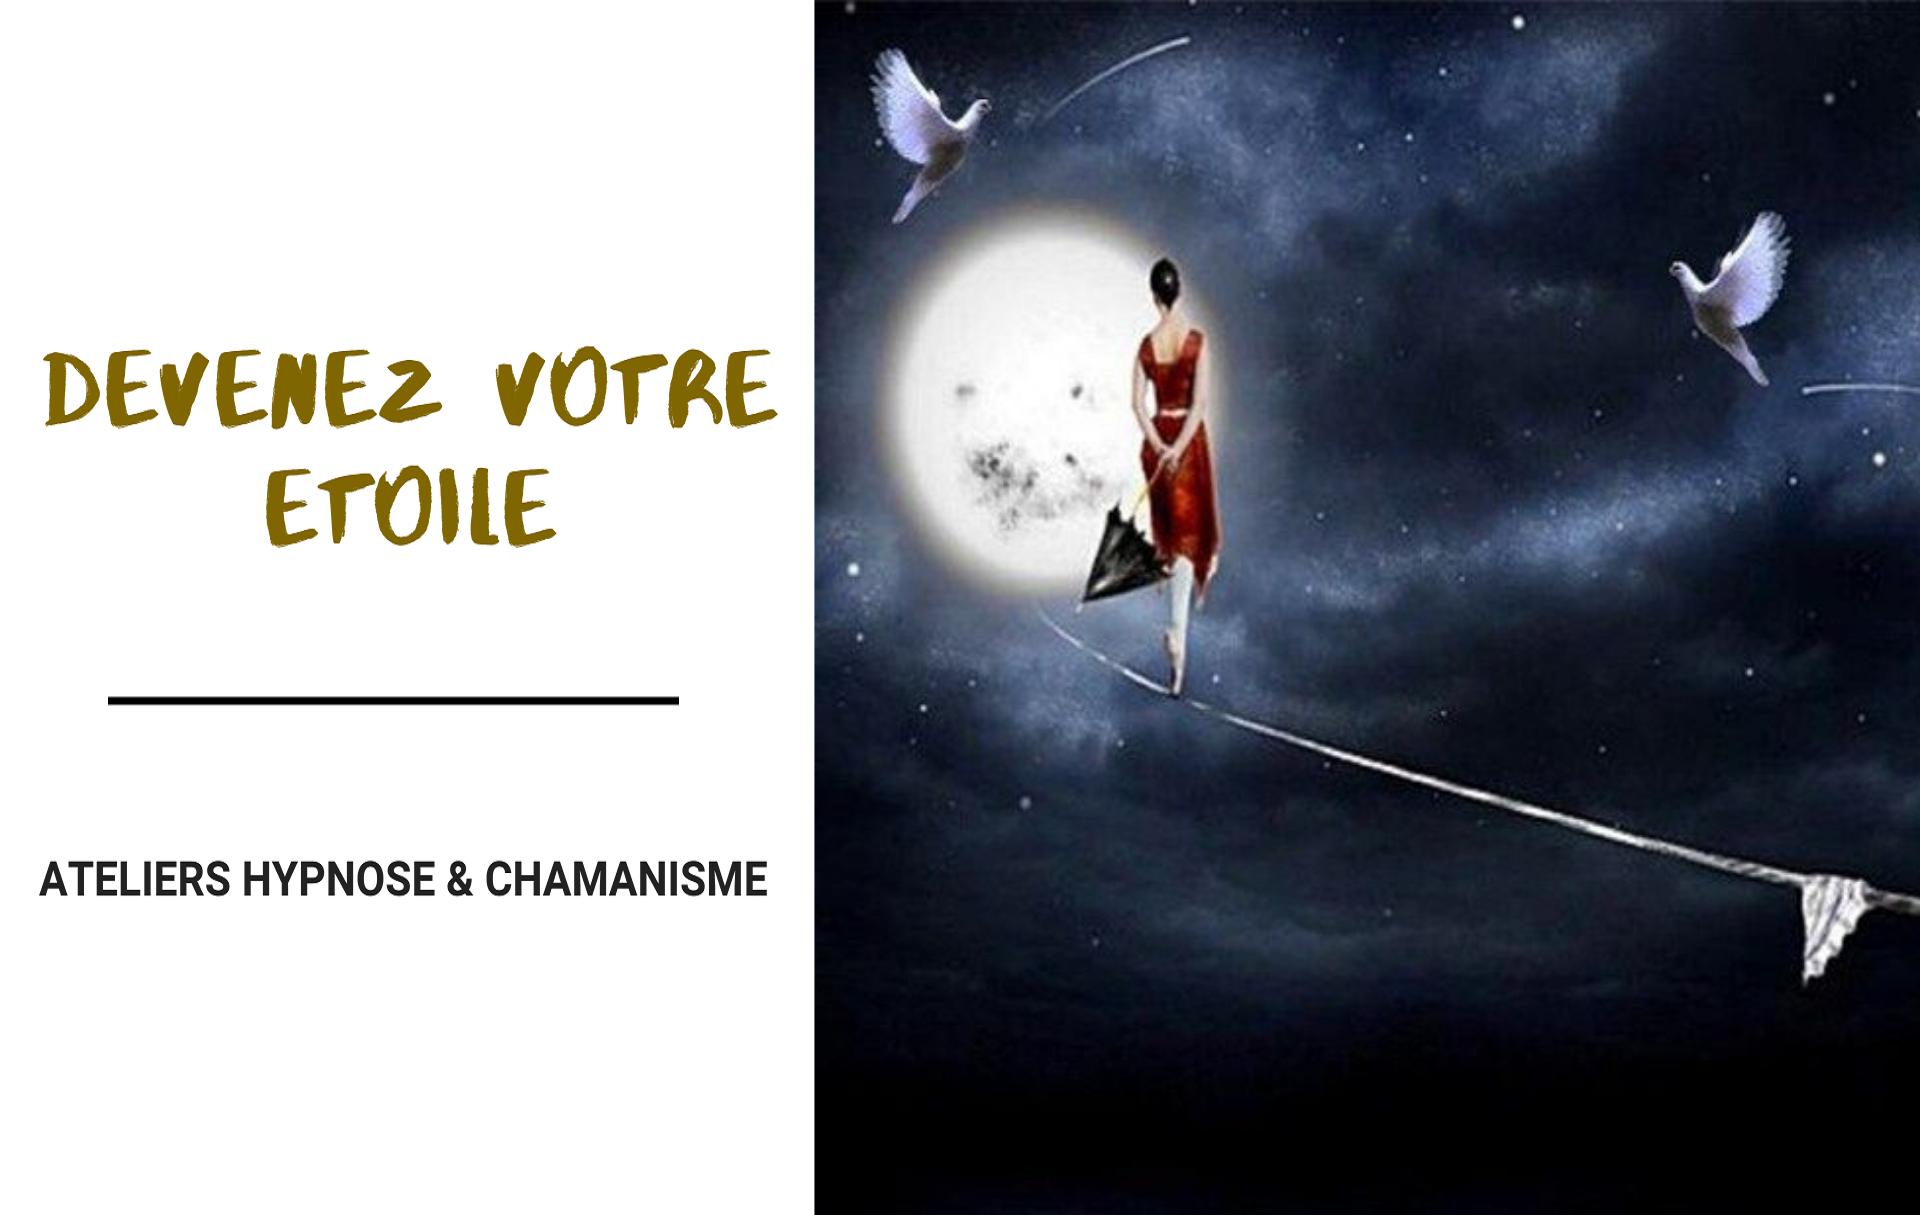 Evénement 1er février 2020 : Devenez votre étoile – Ateliers Hypnose et Chamanisme